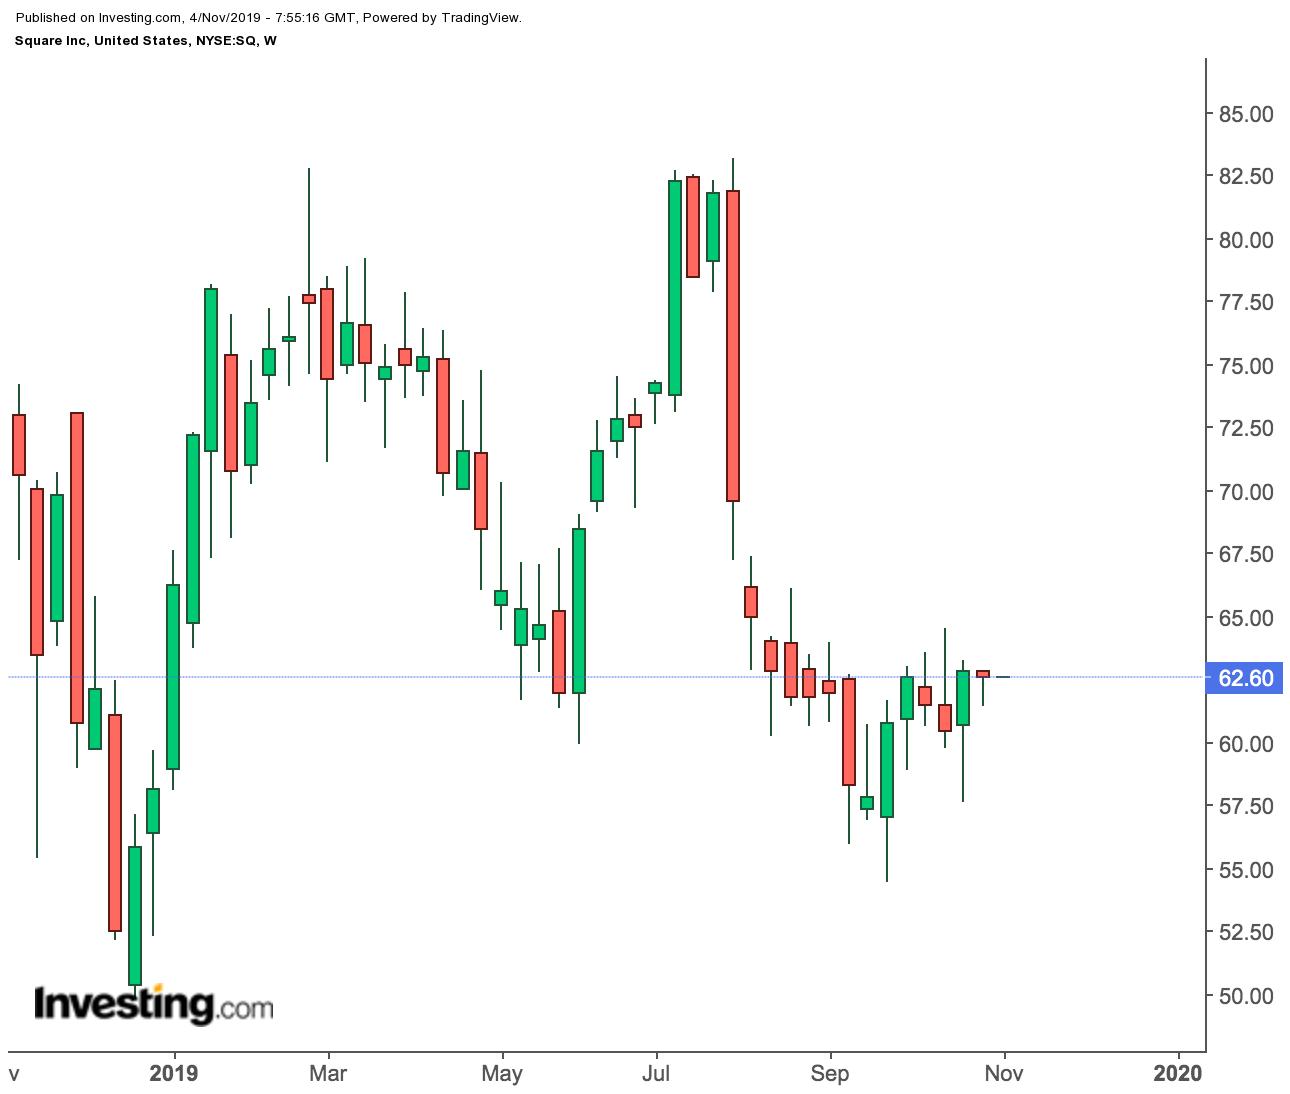 Недельный график акций Square Inc.